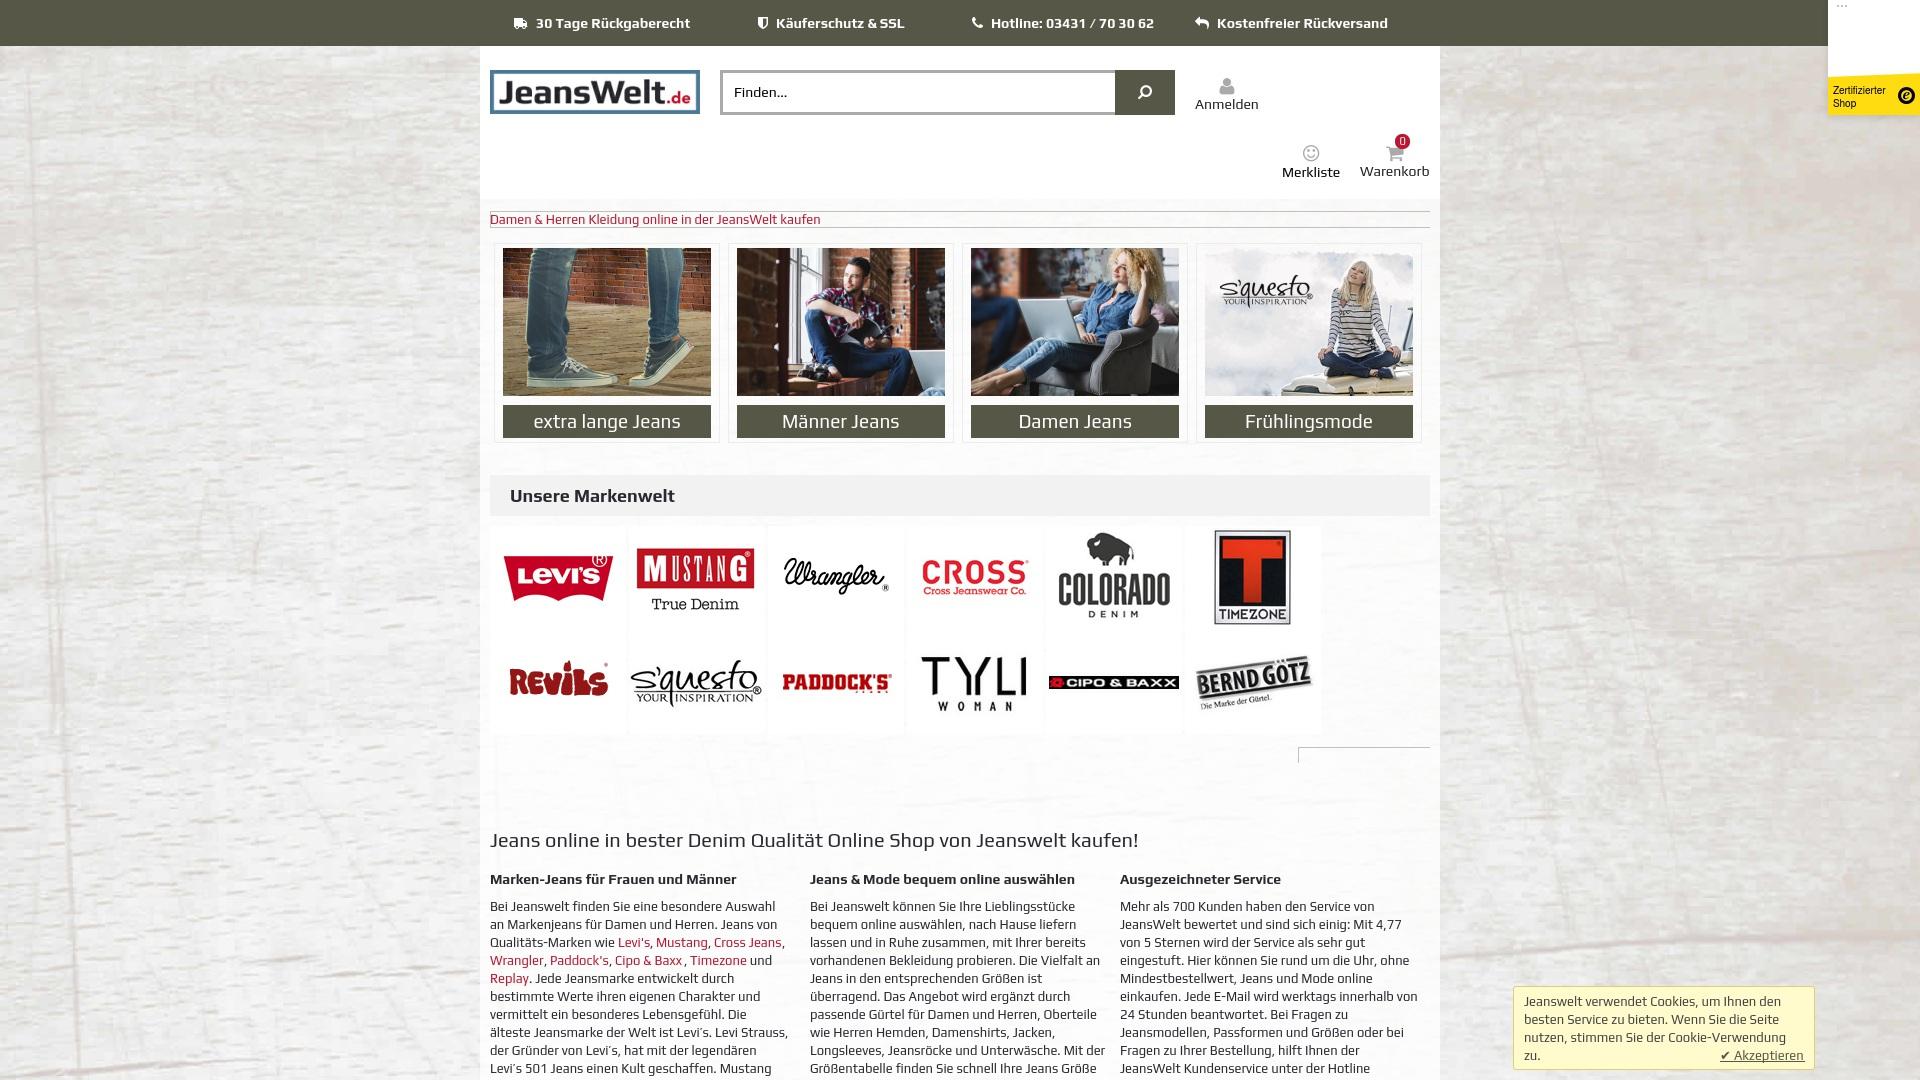 Gutschein für Jeanswelt: Rabatte für  Jeanswelt sichern